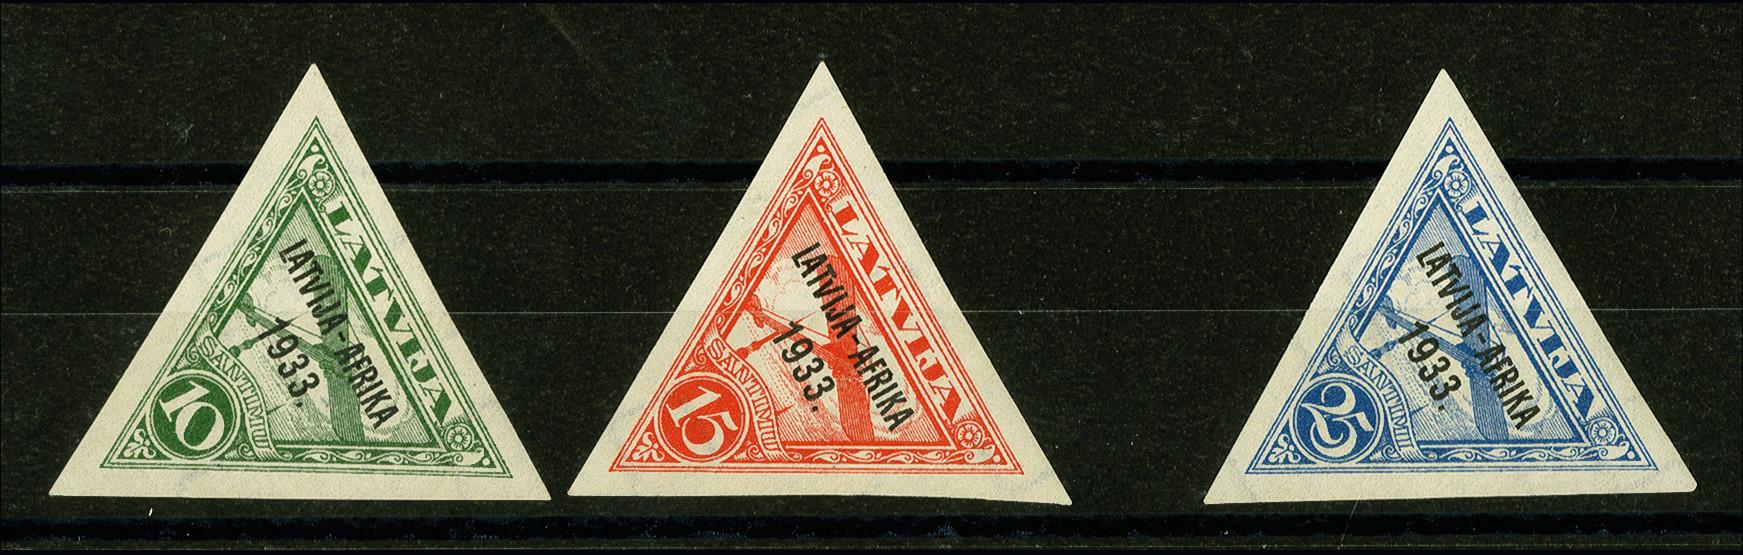 Lot 6119 - europa latvia -  Heinrich Koehler Auktionen 375rd Heinrich Köhler auction - Day 2